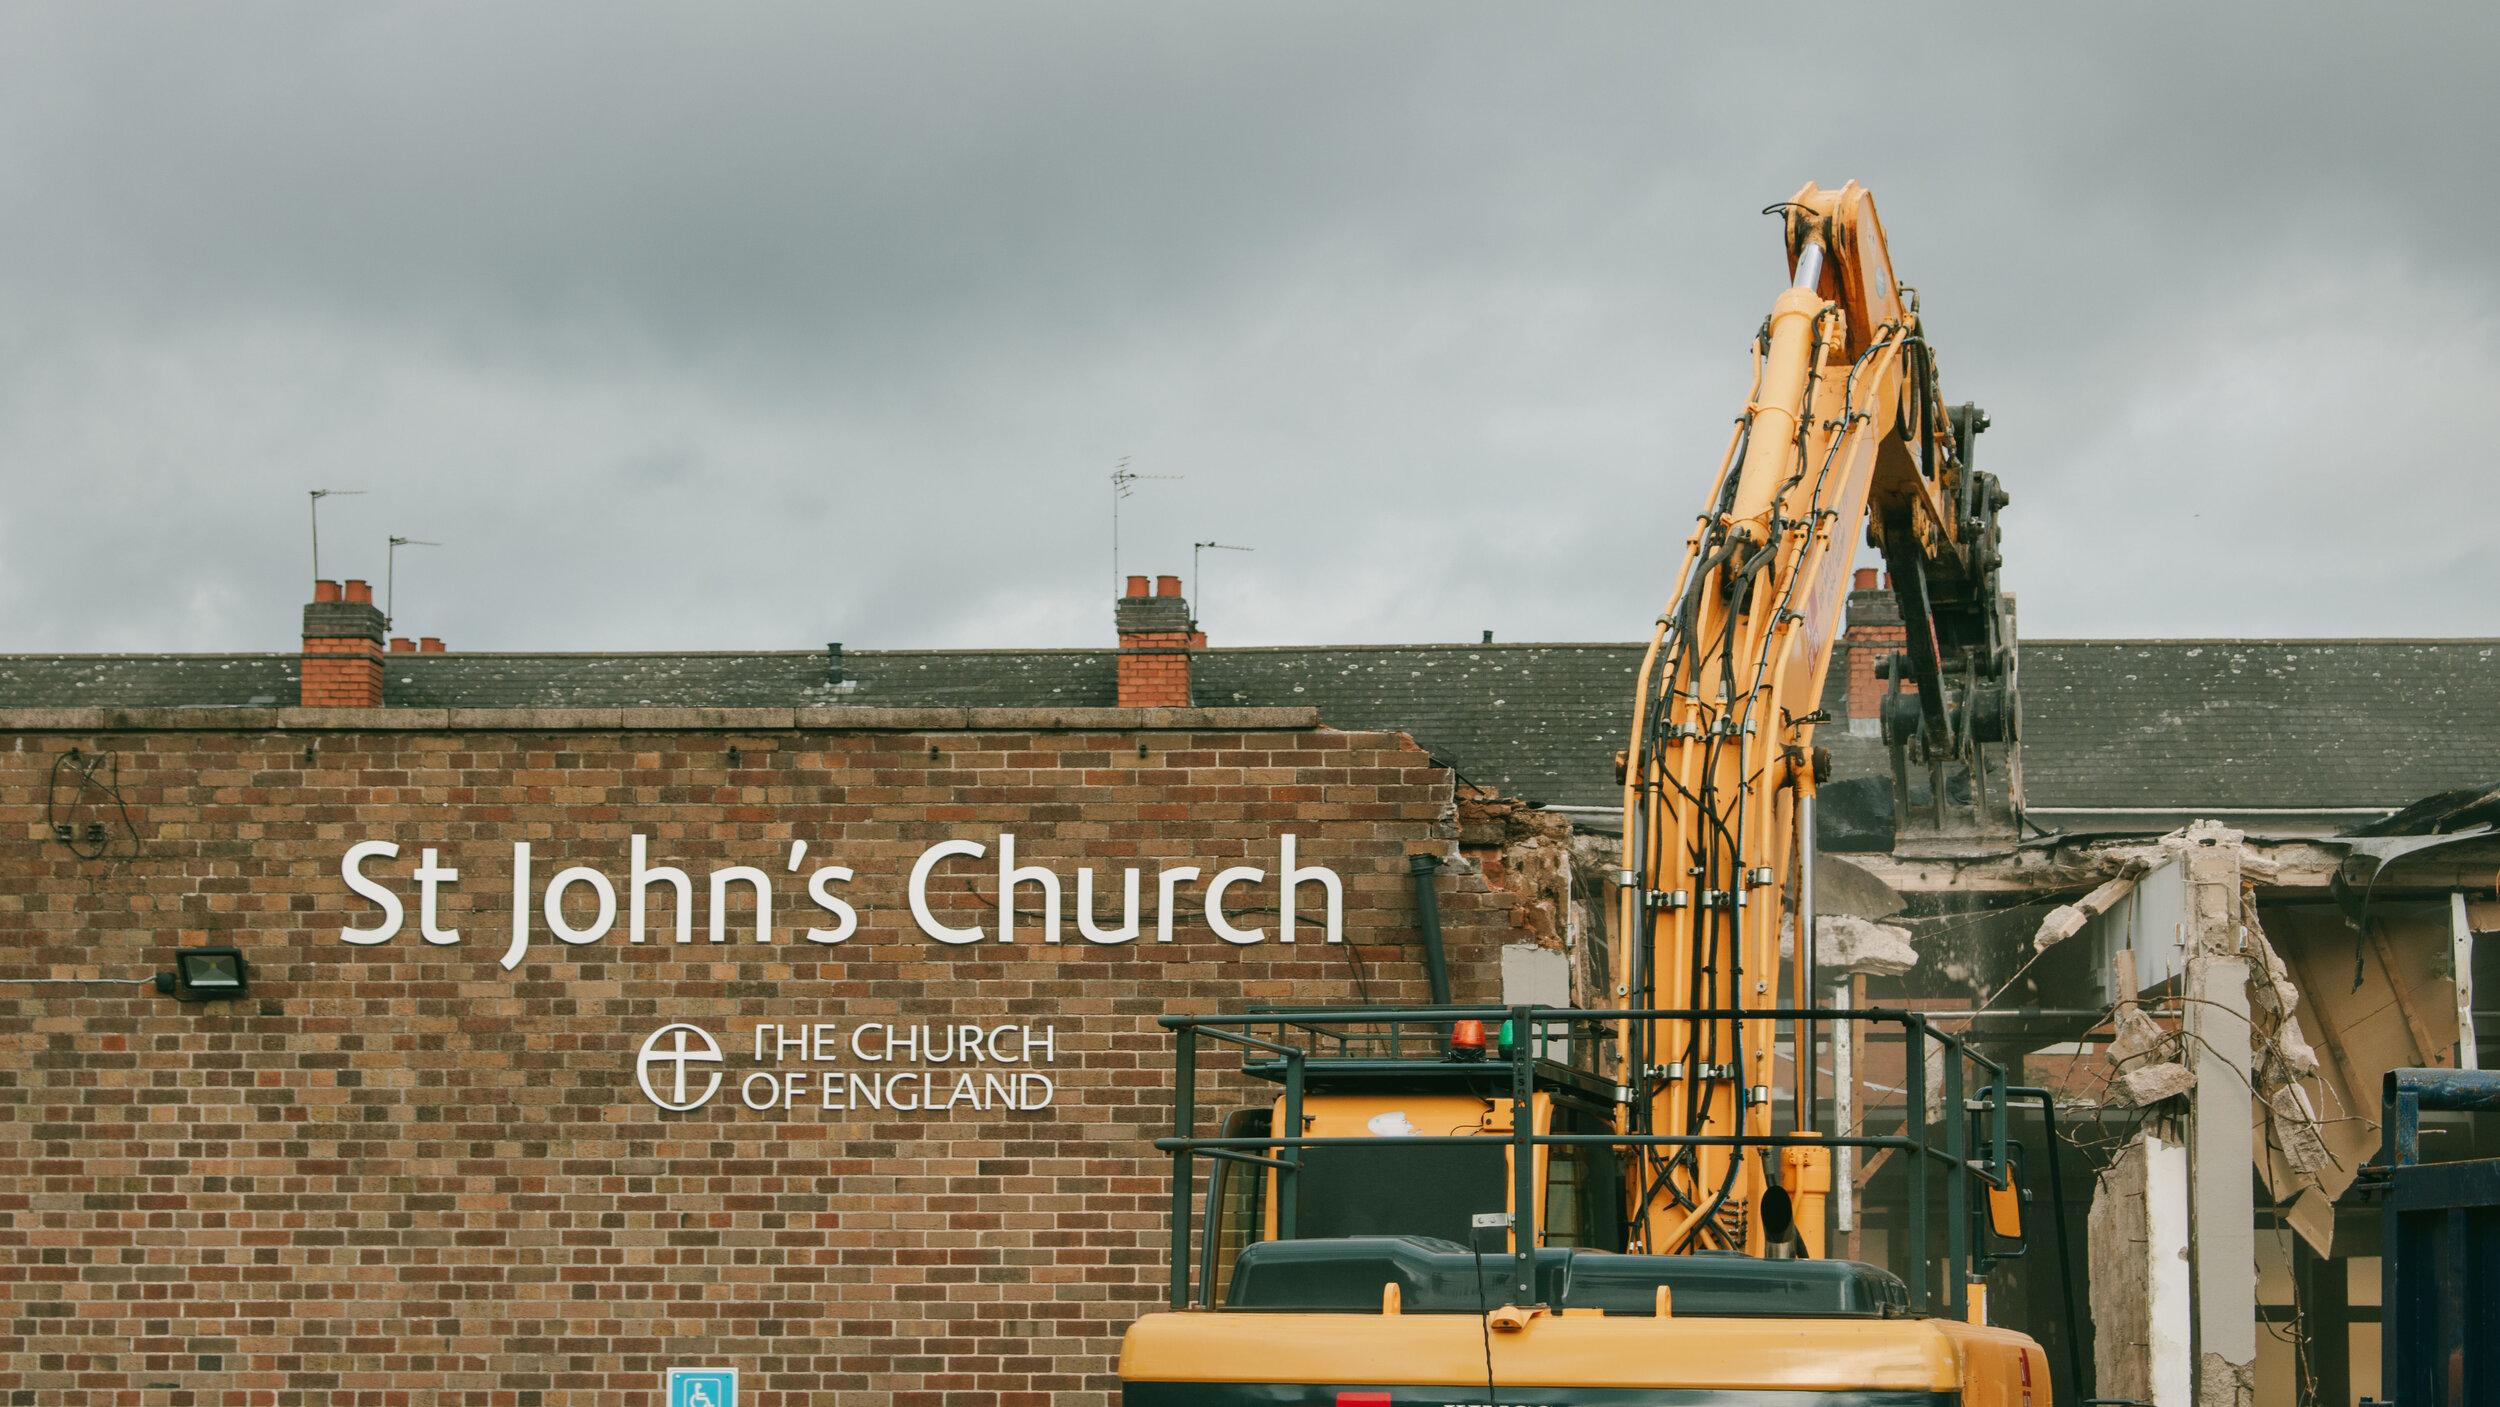 st-johns-harborne-bfm-demolition-oct-19-je-2878-low.jpg